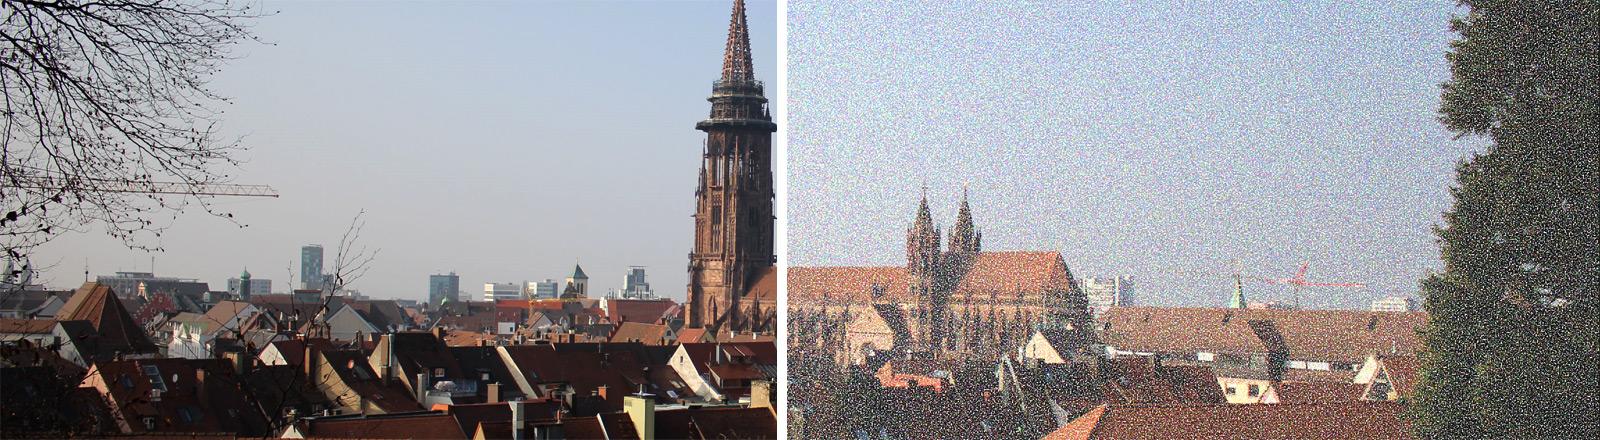 Simulationsbild: Wie ein Visual-Snow-Patient die Welt sieht: Eine Hälfte des Bildes ist weißlich verpixelt.